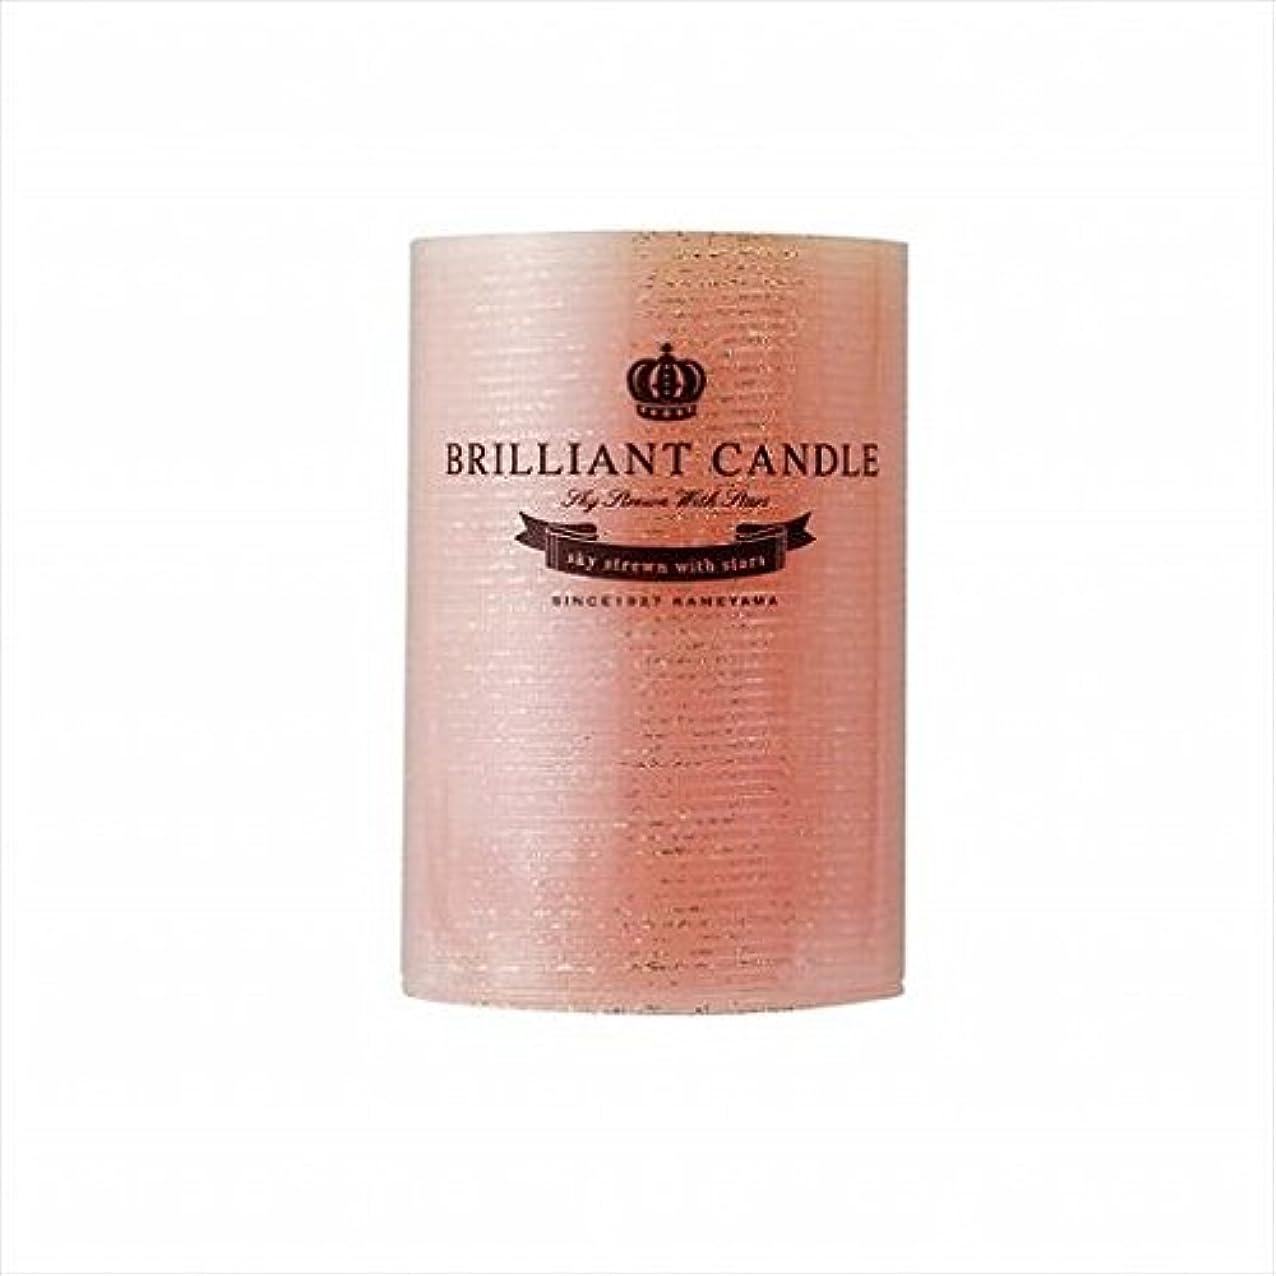 特定の性別に負けるkameyama candle(カメヤマキャンドル) ブリリアントピラー2×3 「 コーラル 」(A9292100CR)